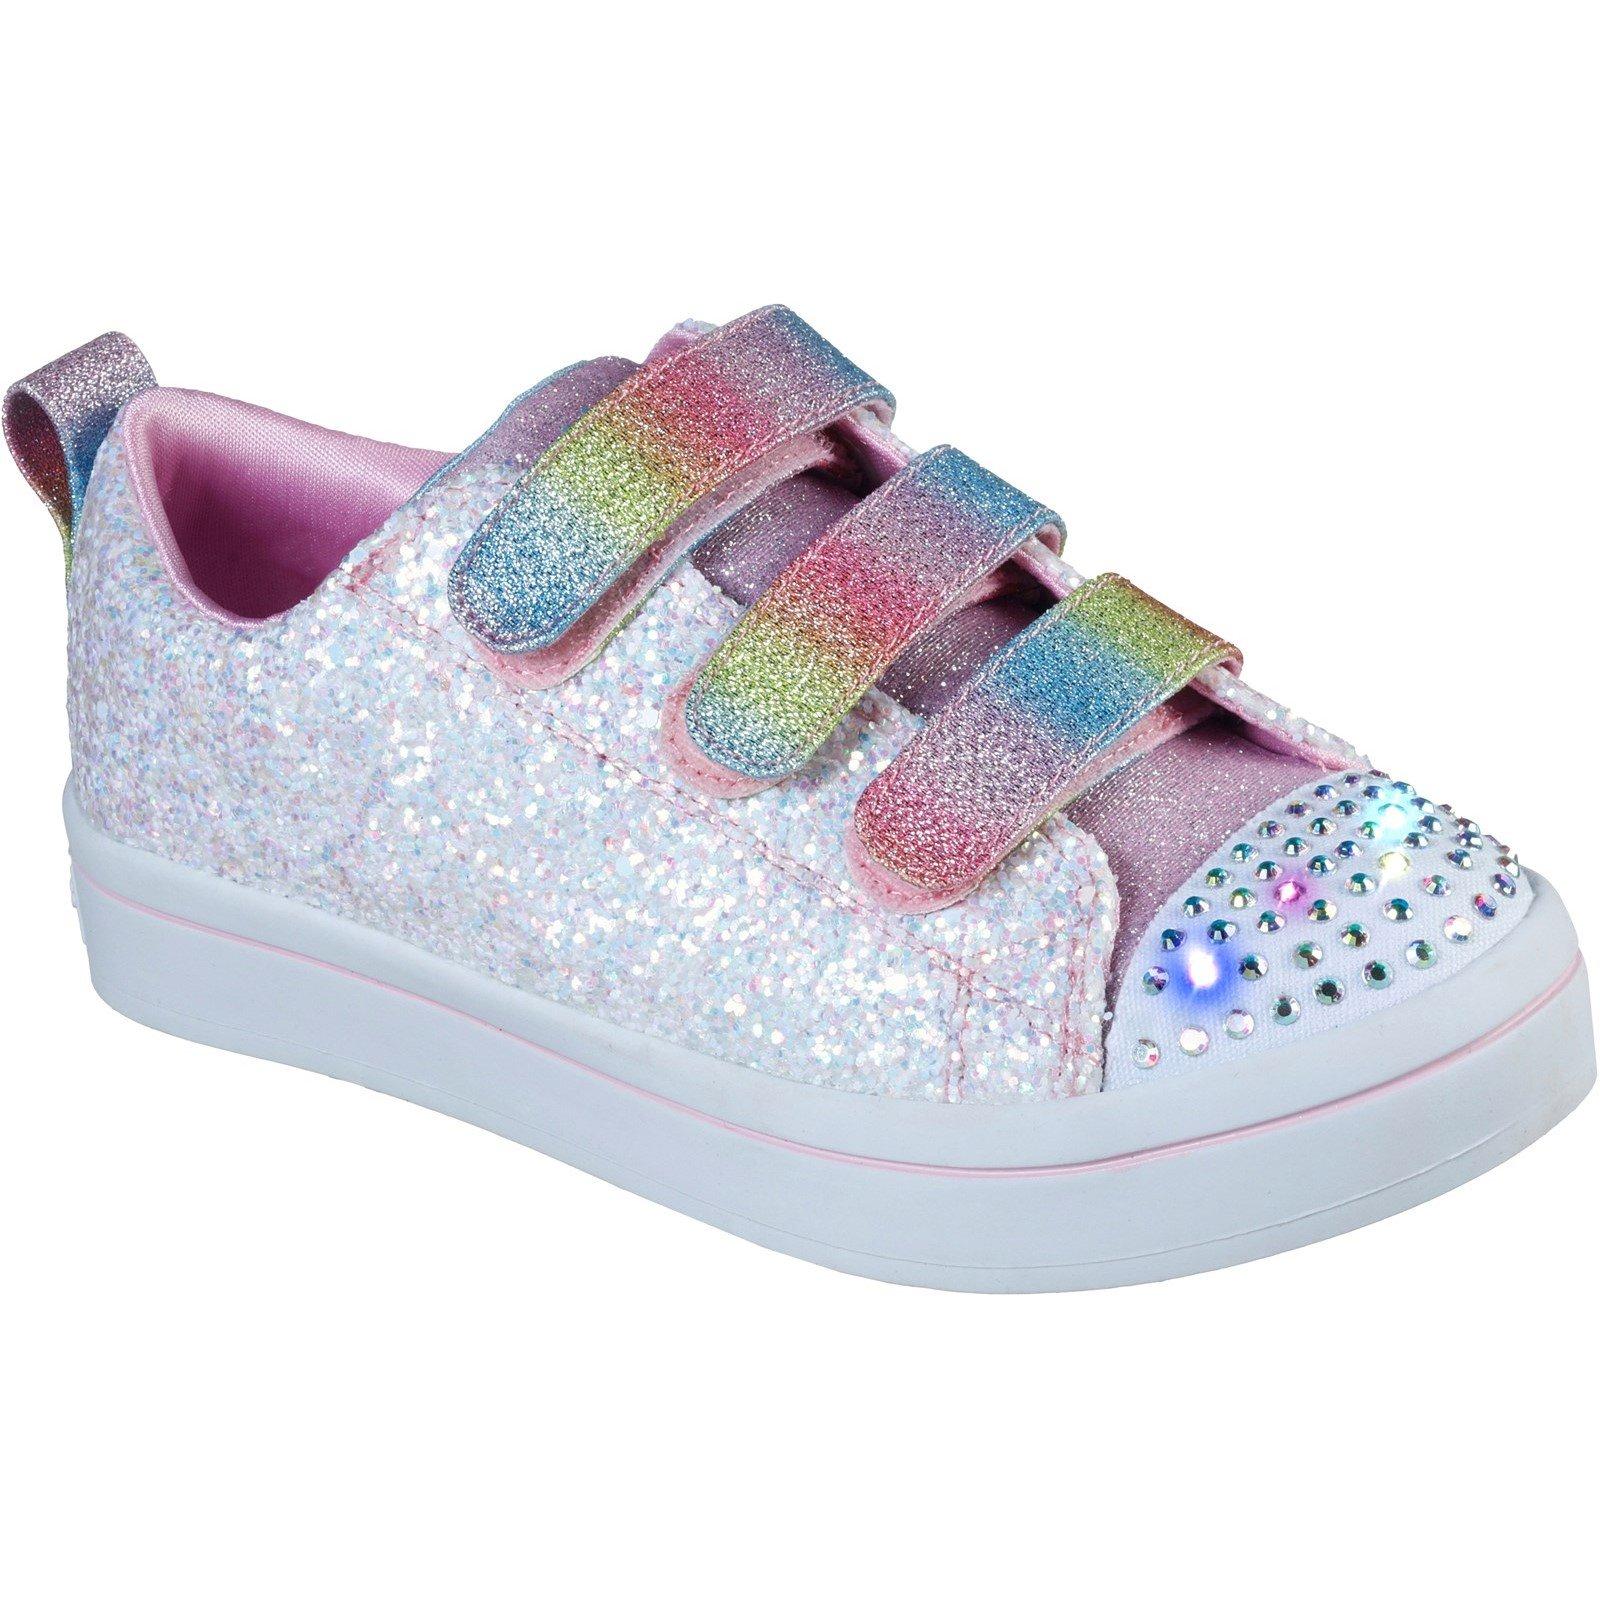 Skechers Kid's Twi-Lites Glitter Glitz Trainer Multicolor 31895 - White/Multi 12